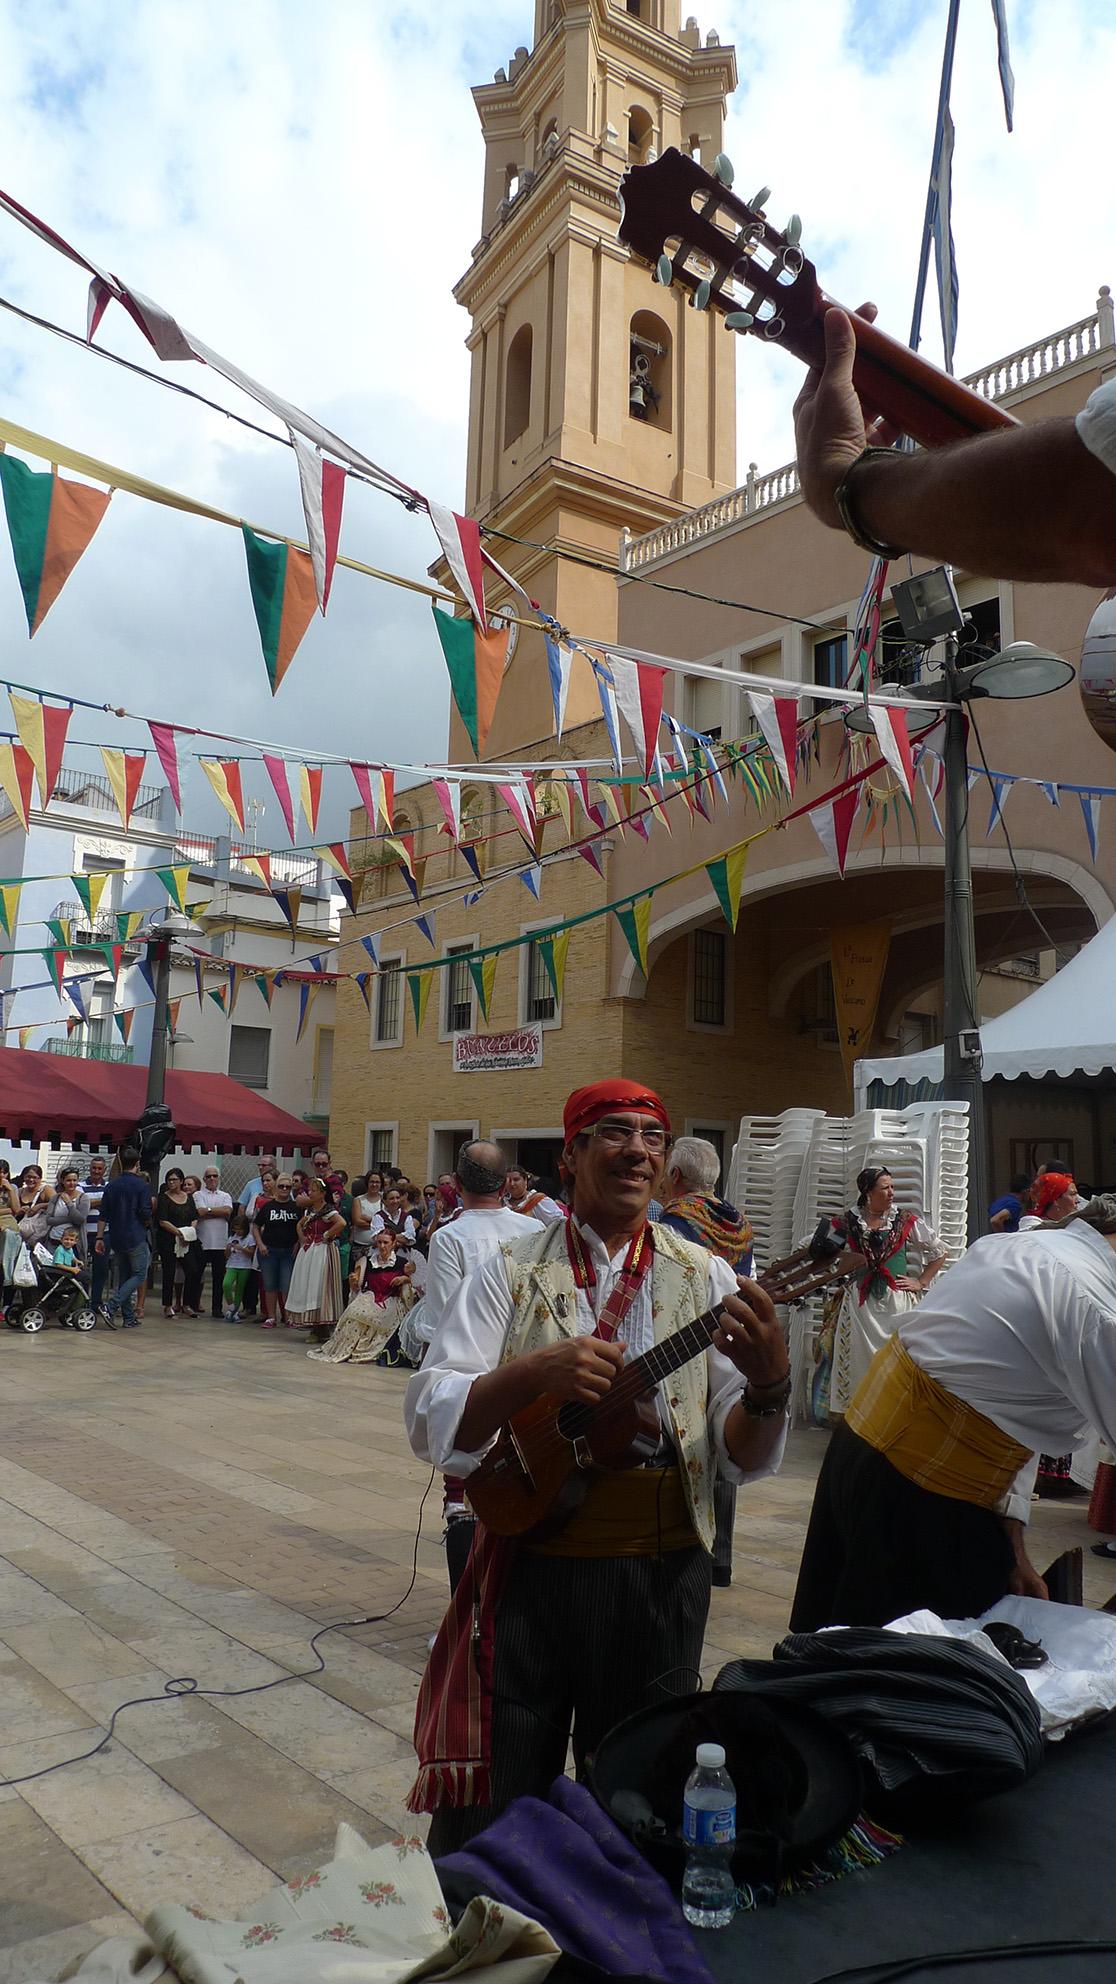 2014-10-5 Baladre a la Fira de Gandia (71)